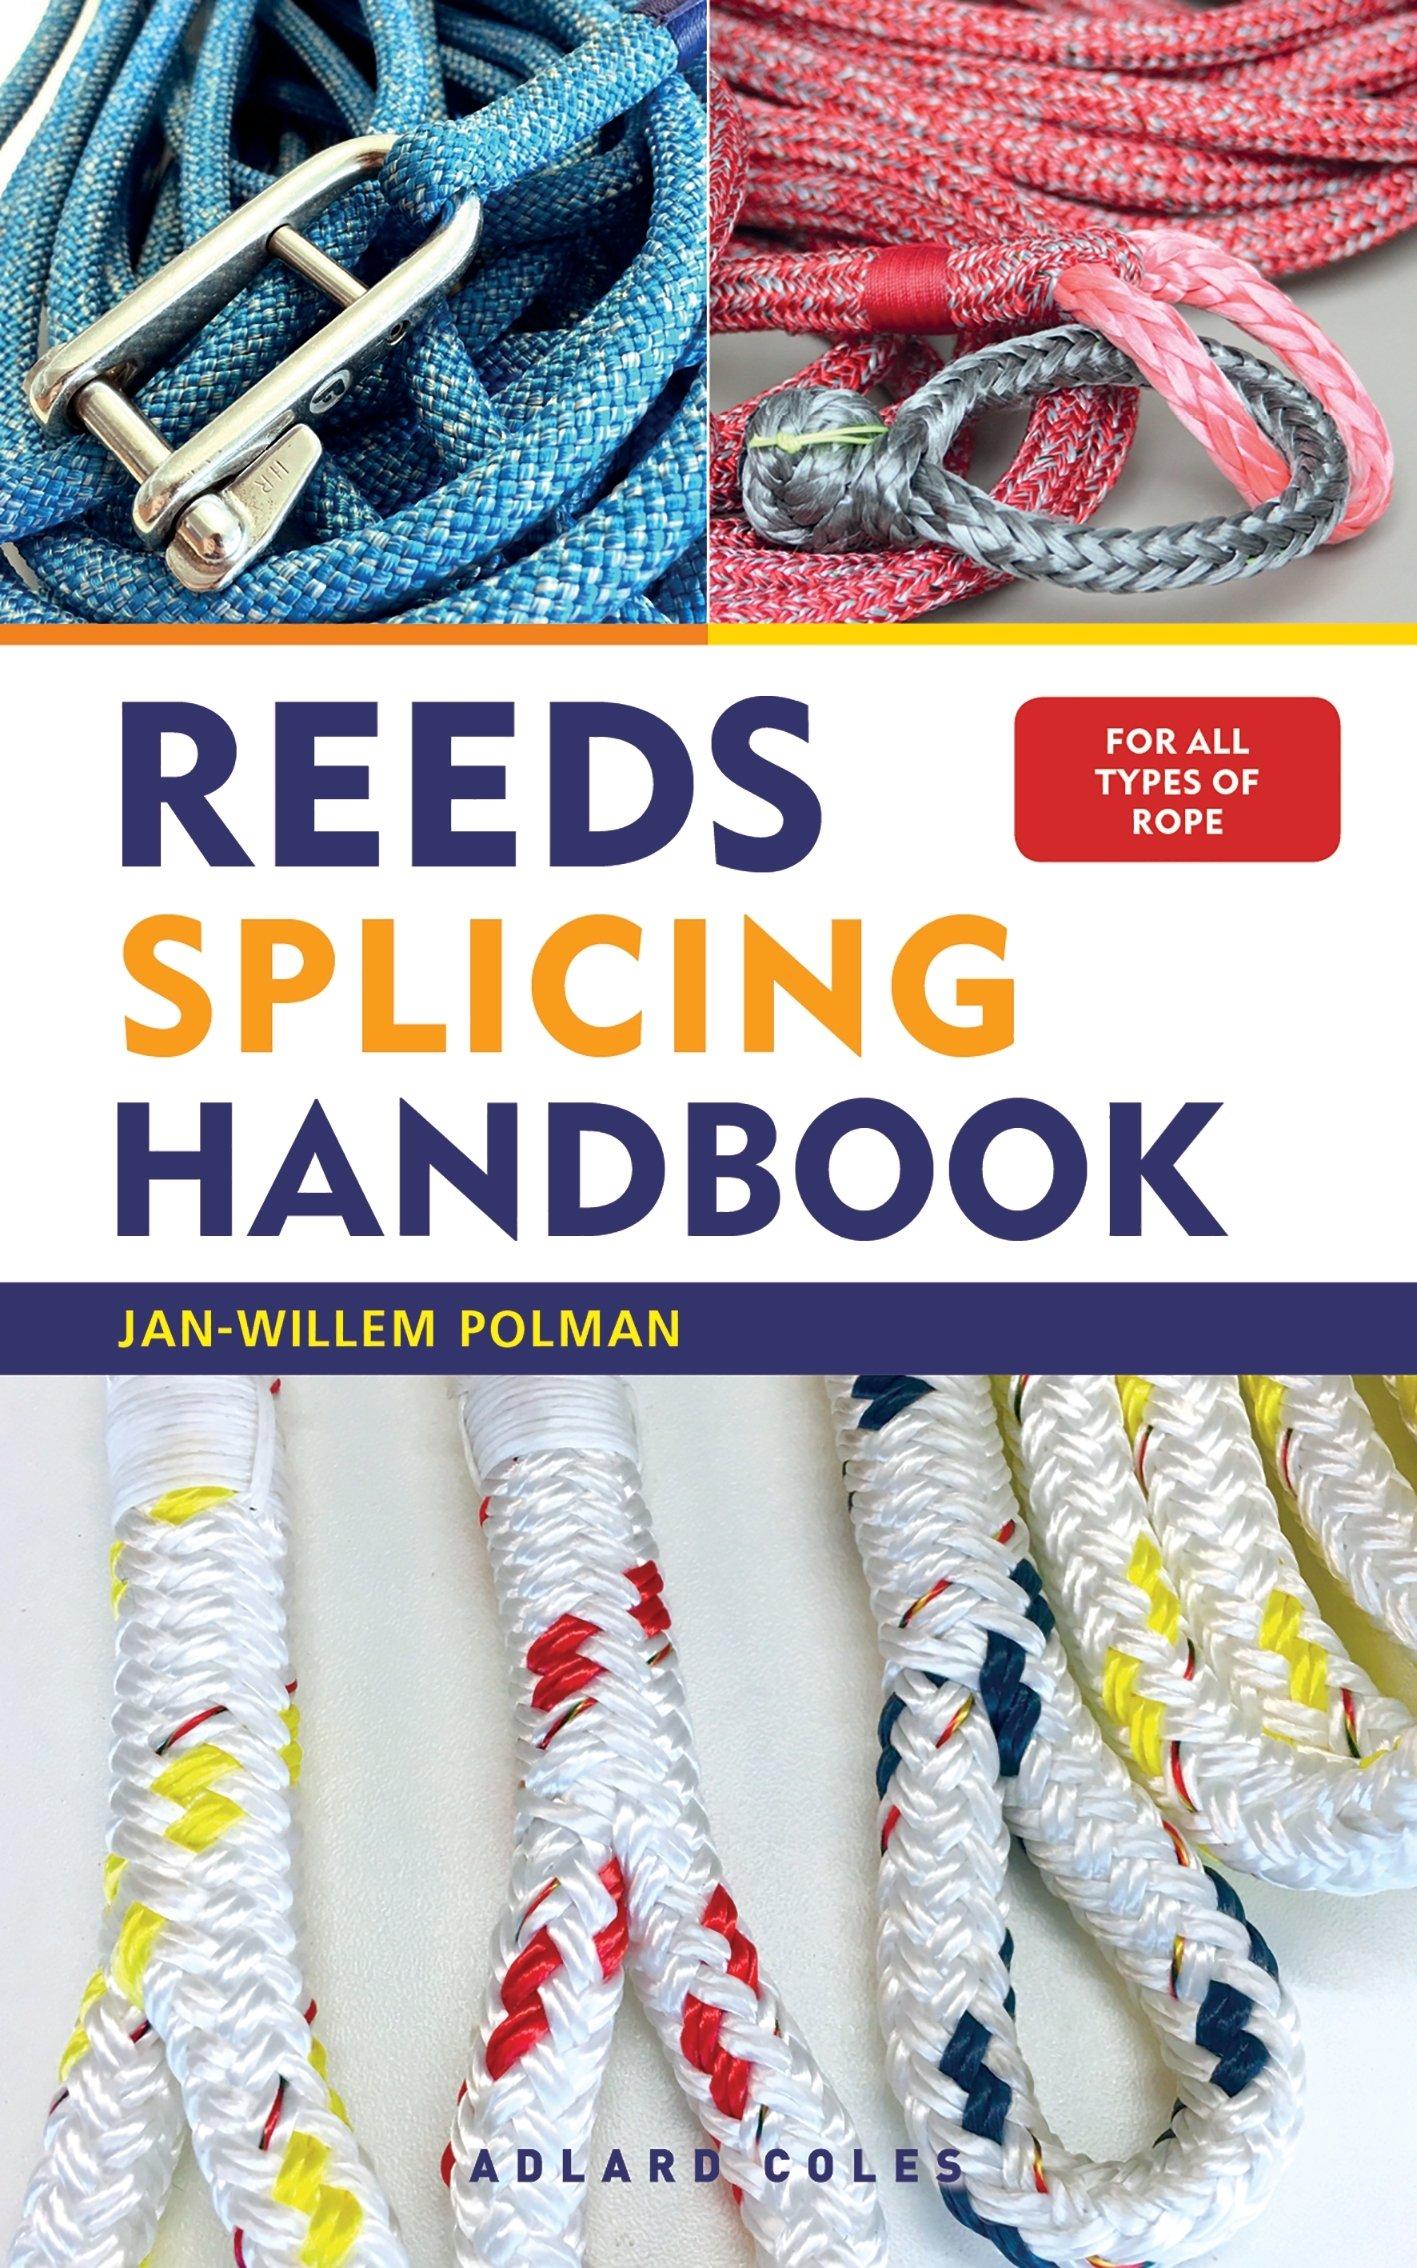 Reeds splicing handbook livros na amazon brasil 9781472952752 fandeluxe Gallery